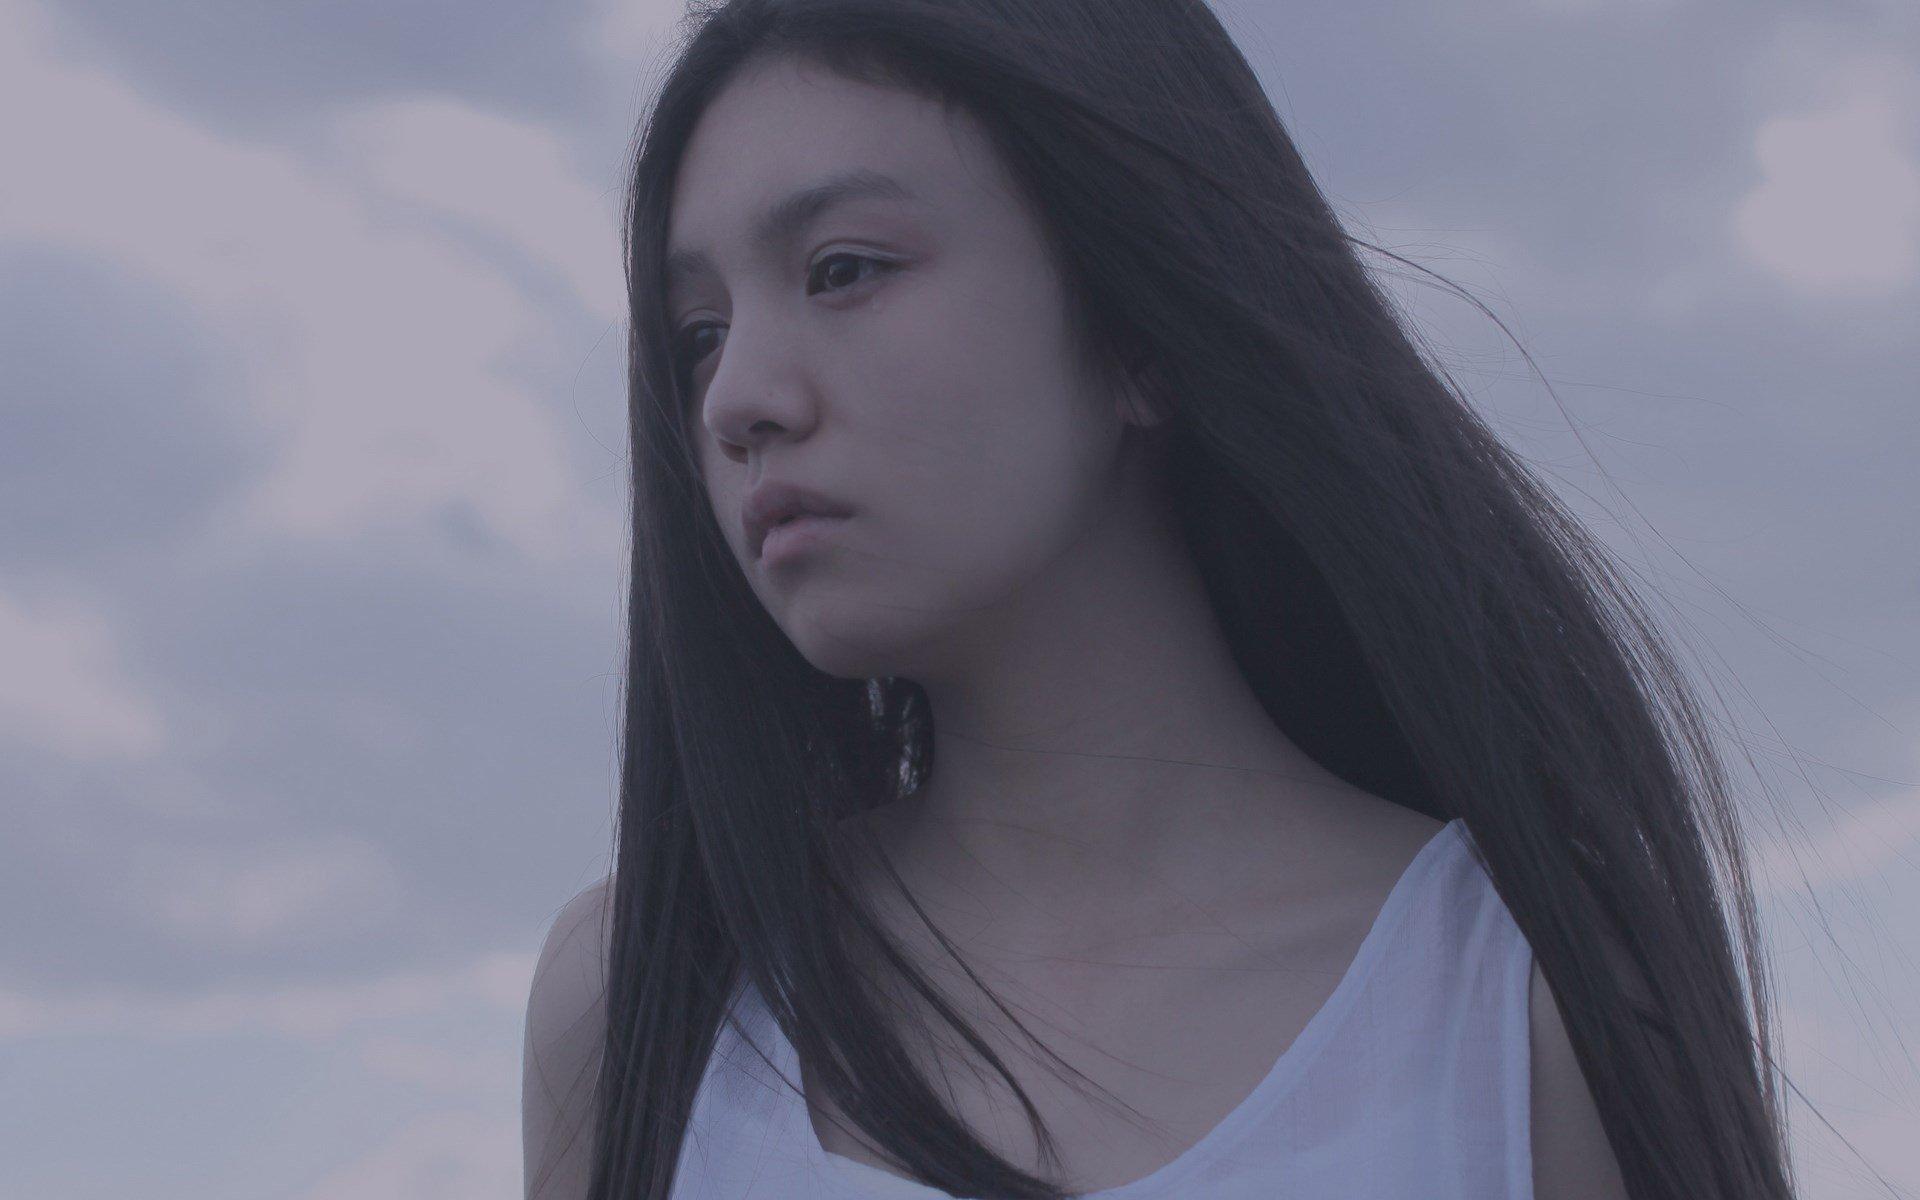 بالصور بنات كوريات حزينات , الحزن فى بنات كوريا واشكالهم فى الحزن 4747 6